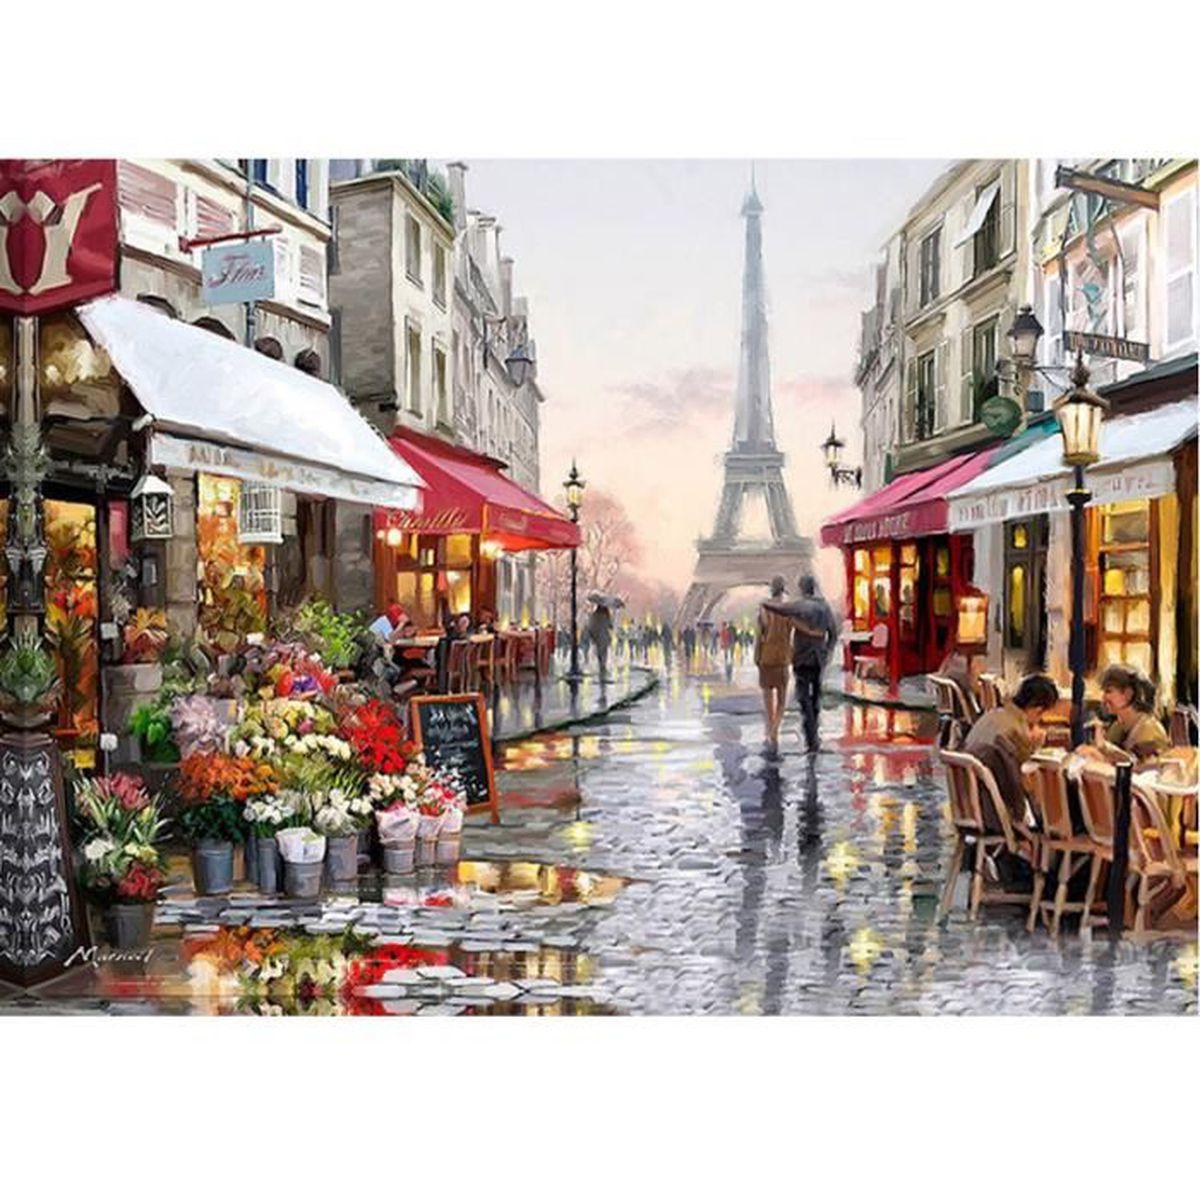 TABLEAU - TOILE PARIS 2 - 40*30 cm - Broderie canevas diamant mosa